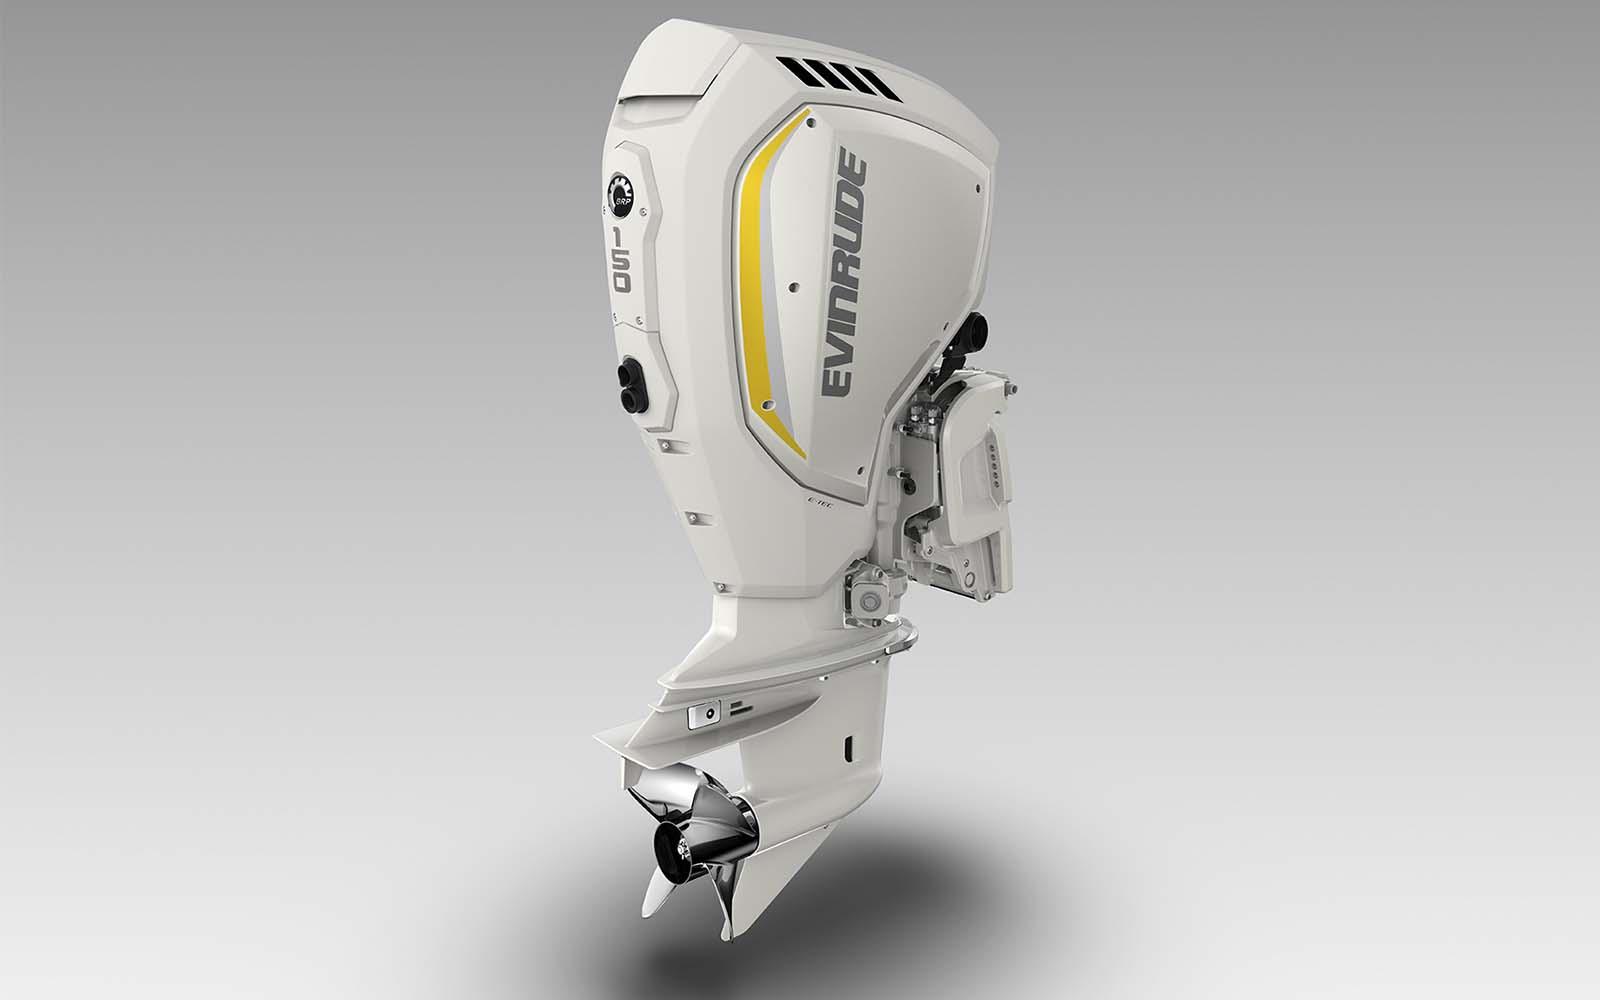 Evinrude lança motores de popa E-TEC G2 de três cilindros - Boat